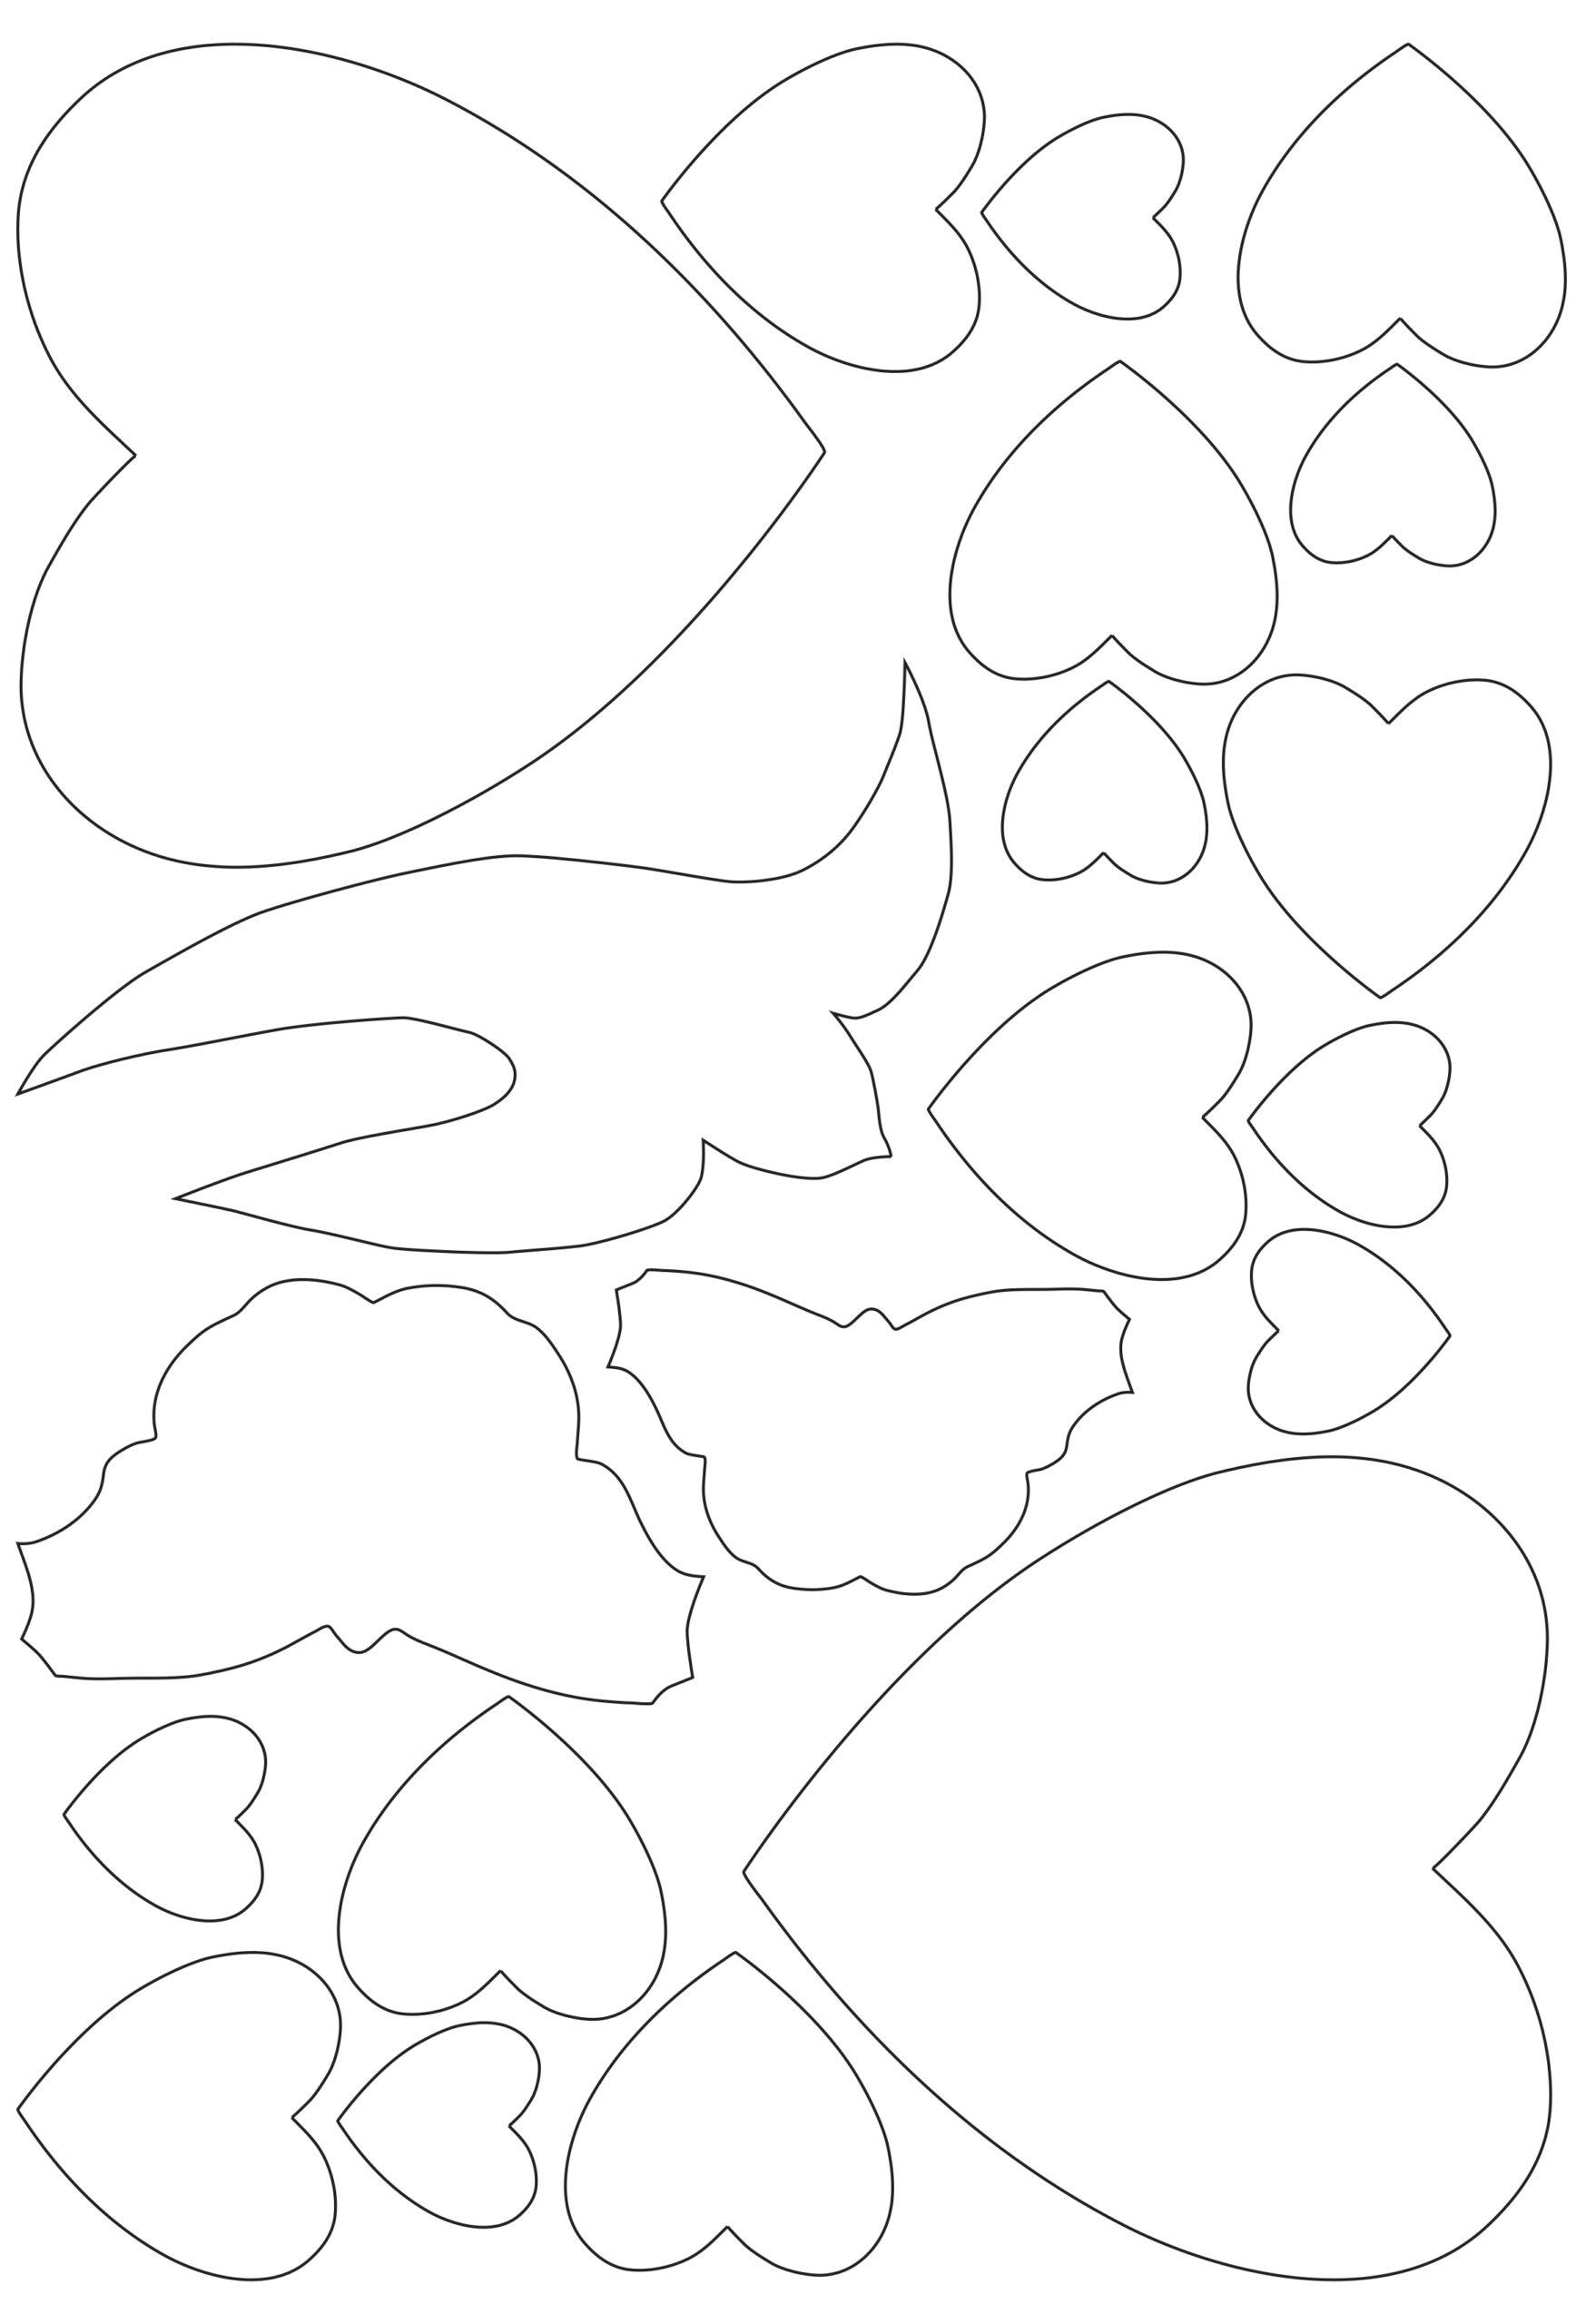 Buttonbag shapes